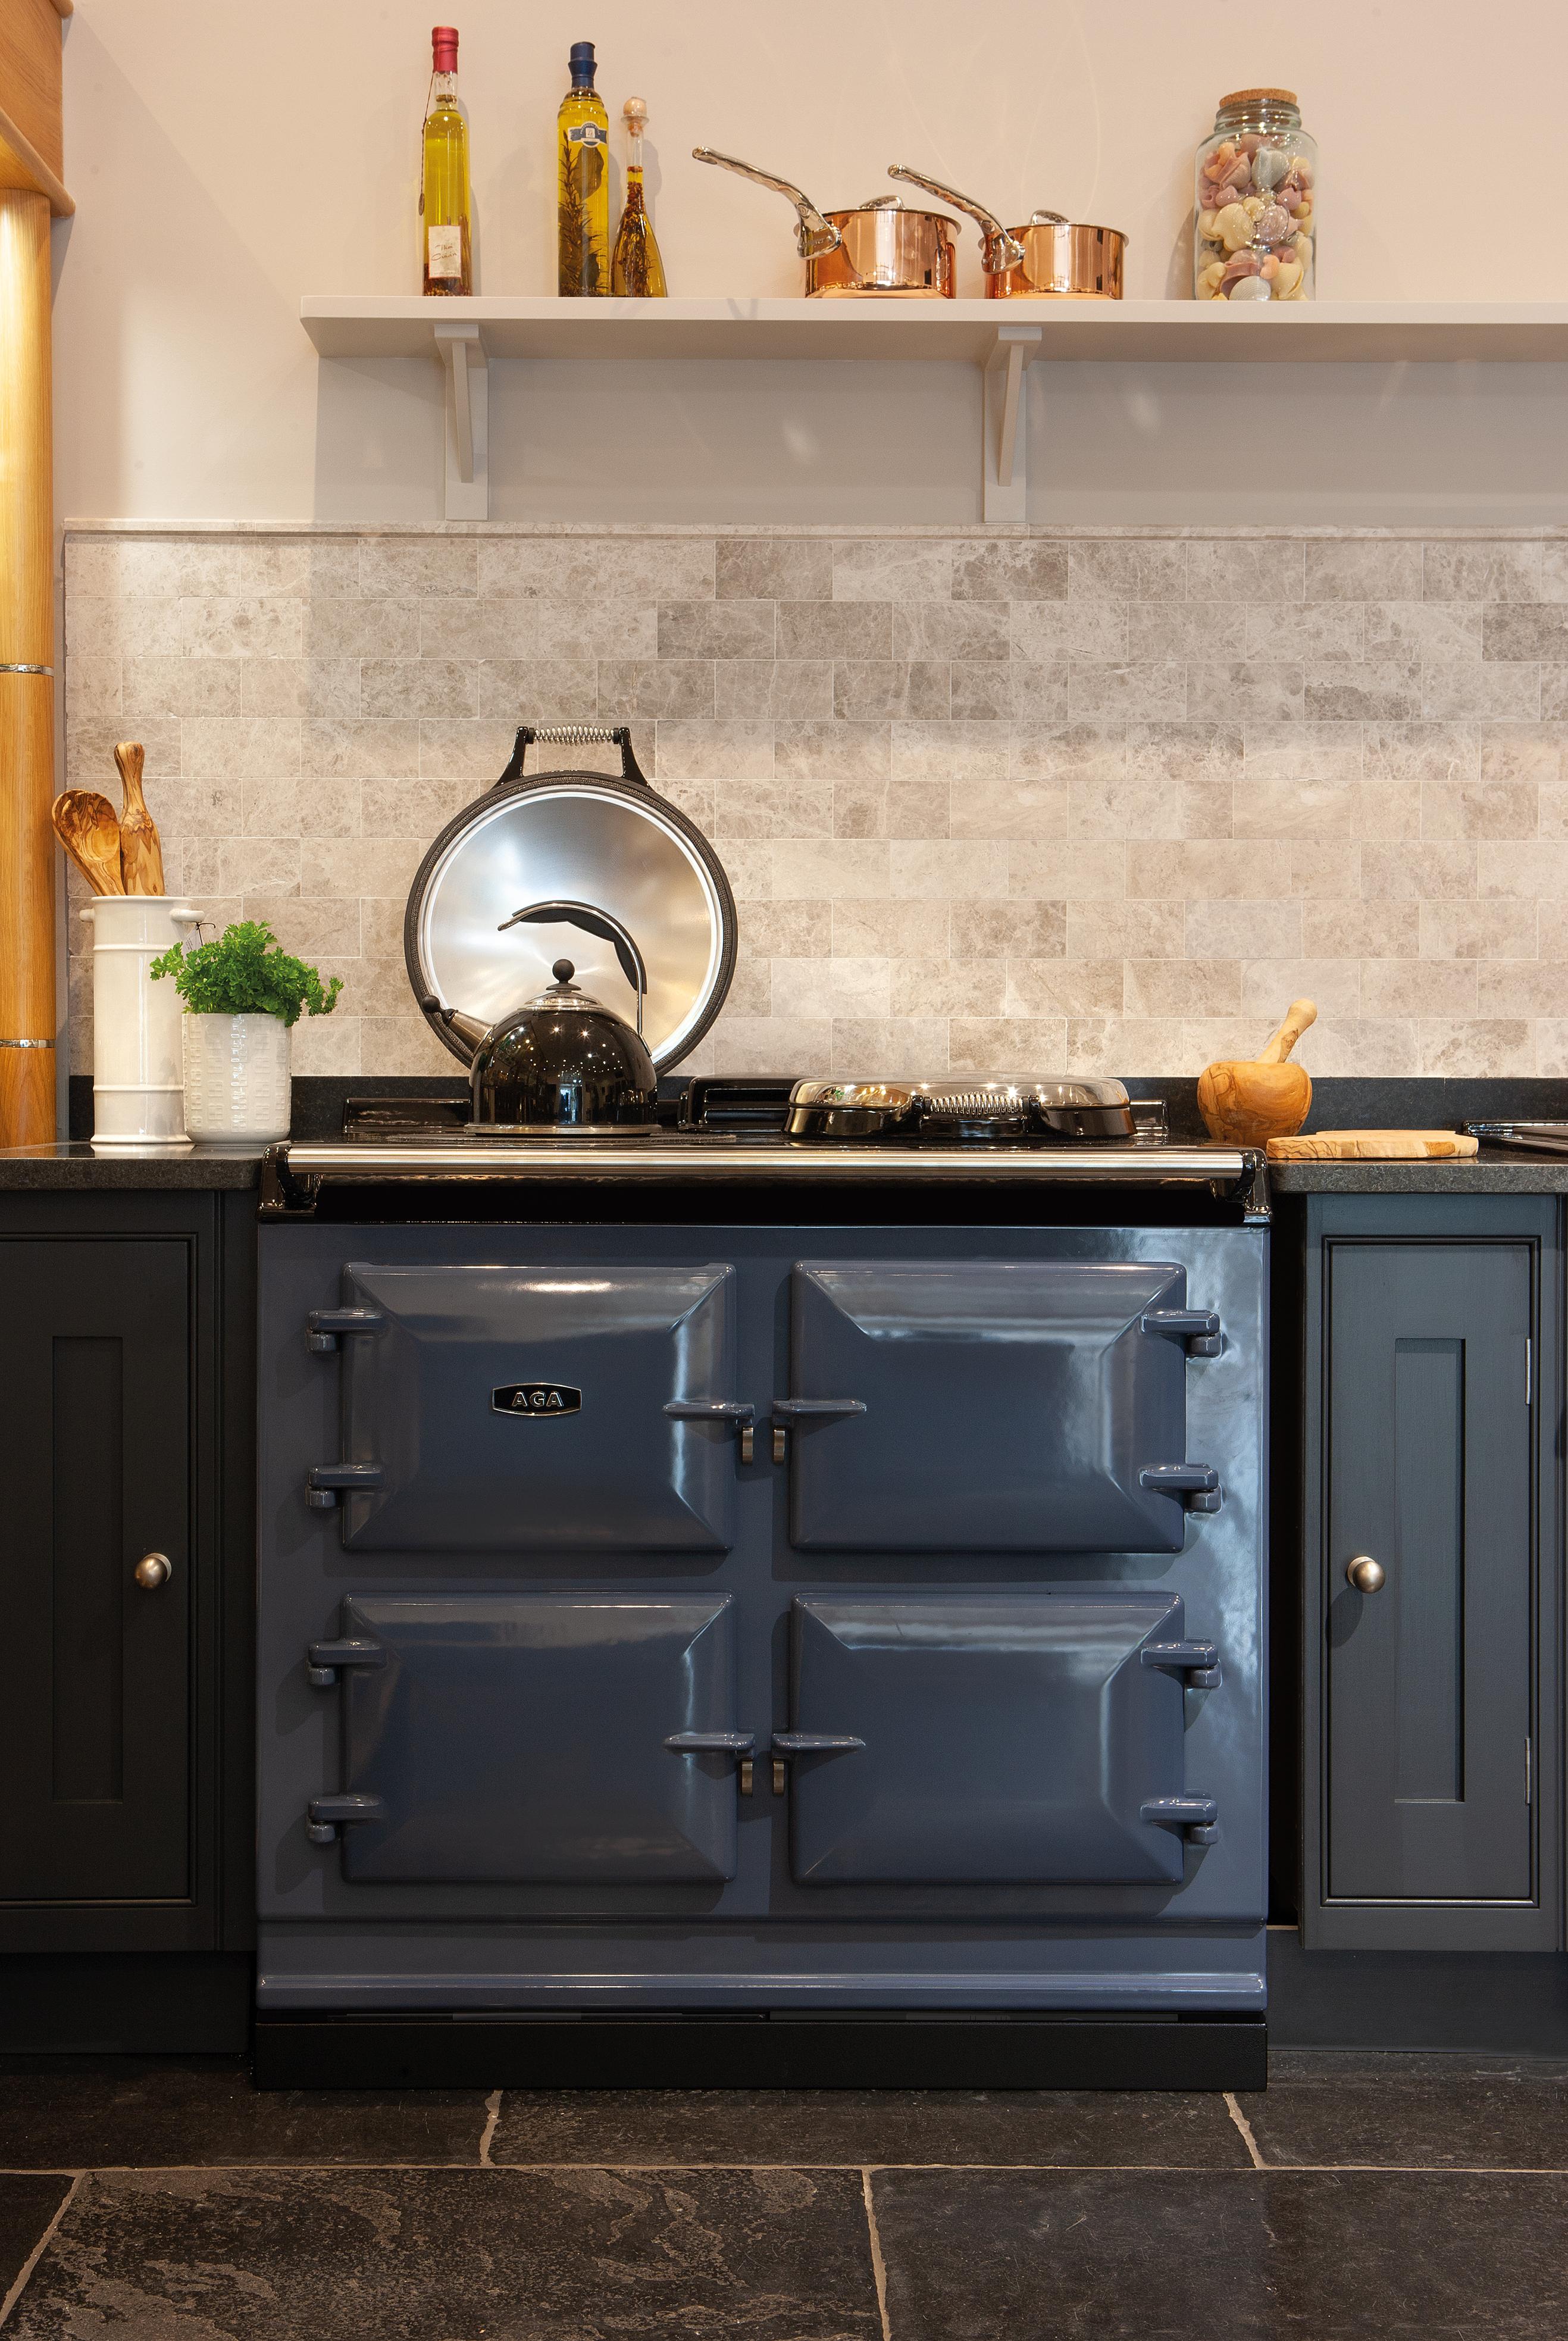 AGA R7 100-3, 3 oven AGA Cooker 7 Series in Dartmouth Blue